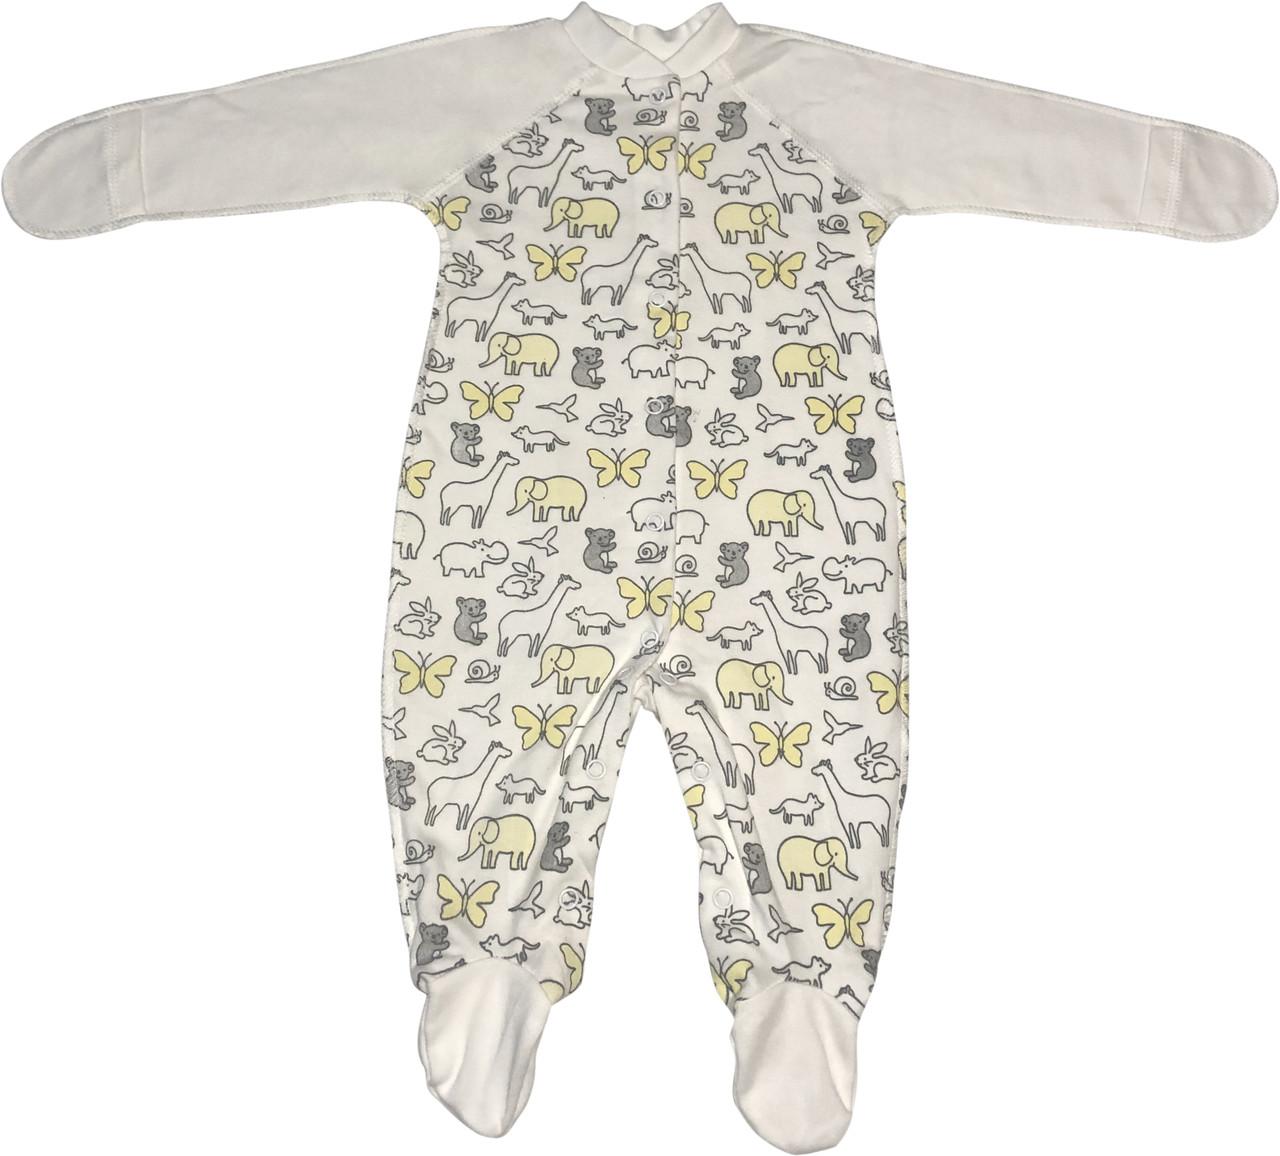 Дитячий теплий чоловічок з начосом зростання 56 0-2 міс трикотажний інтерлок молочний на хлопчика дівчинку